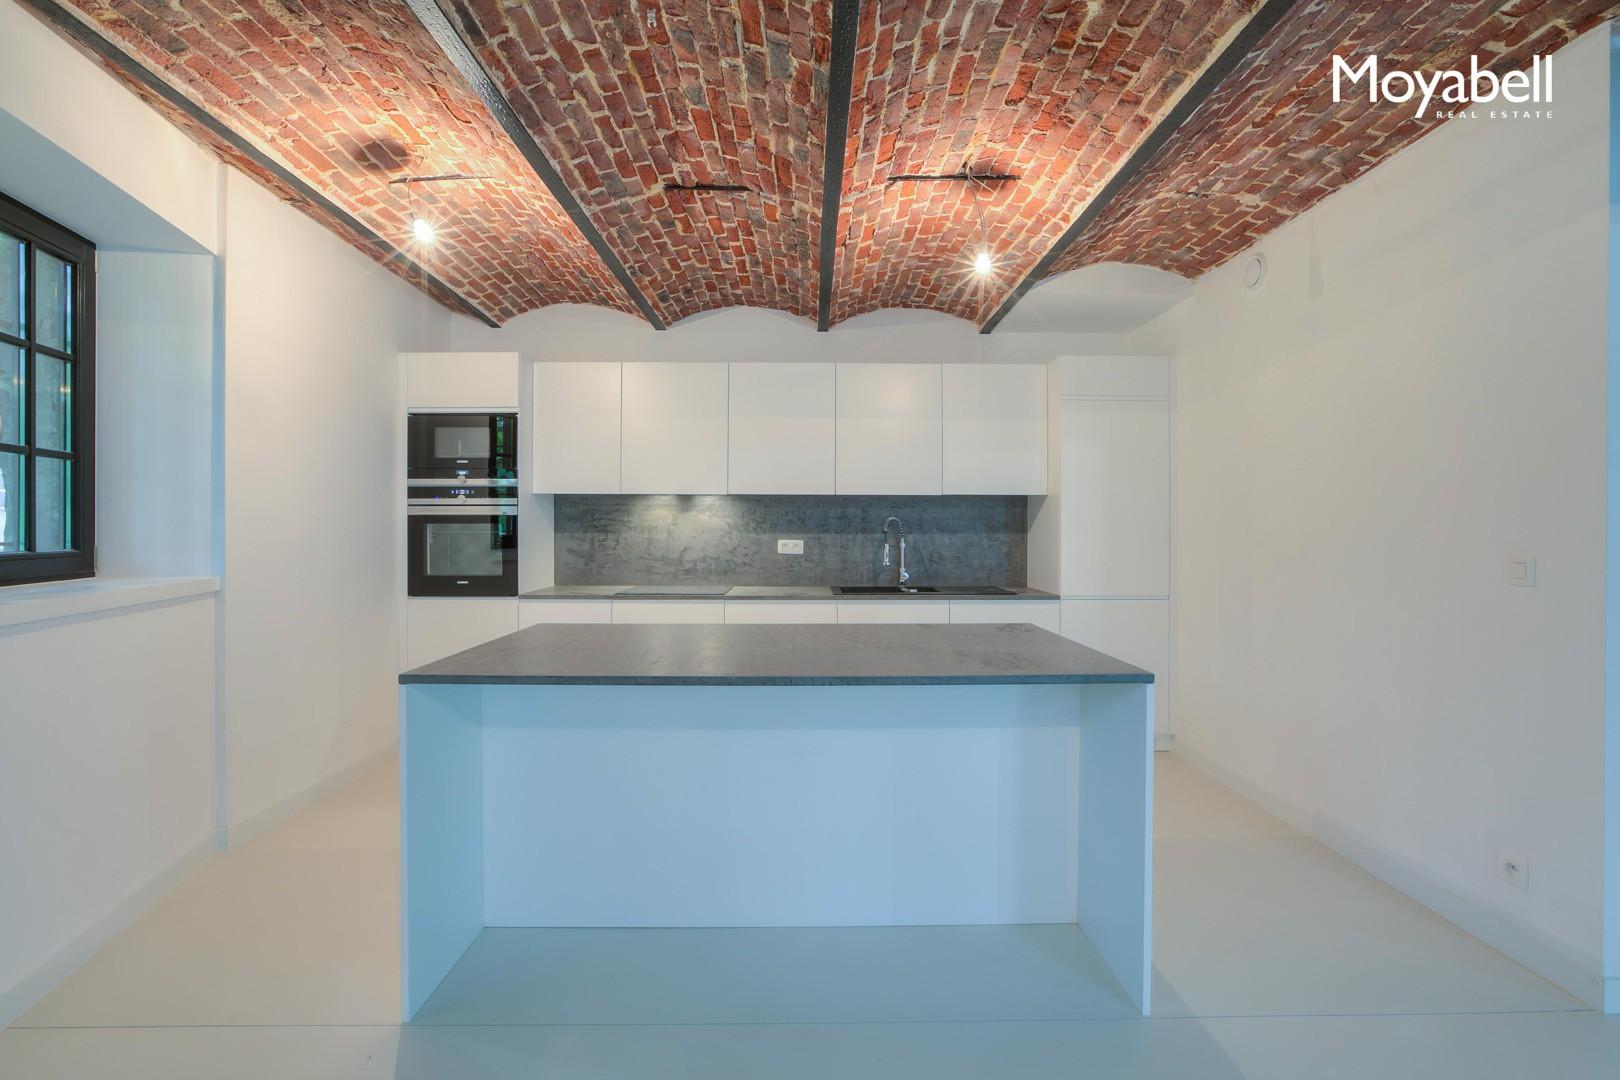 Exclusief woonproject van 20 luxueuze woningen in een domein van ca. 1ha.